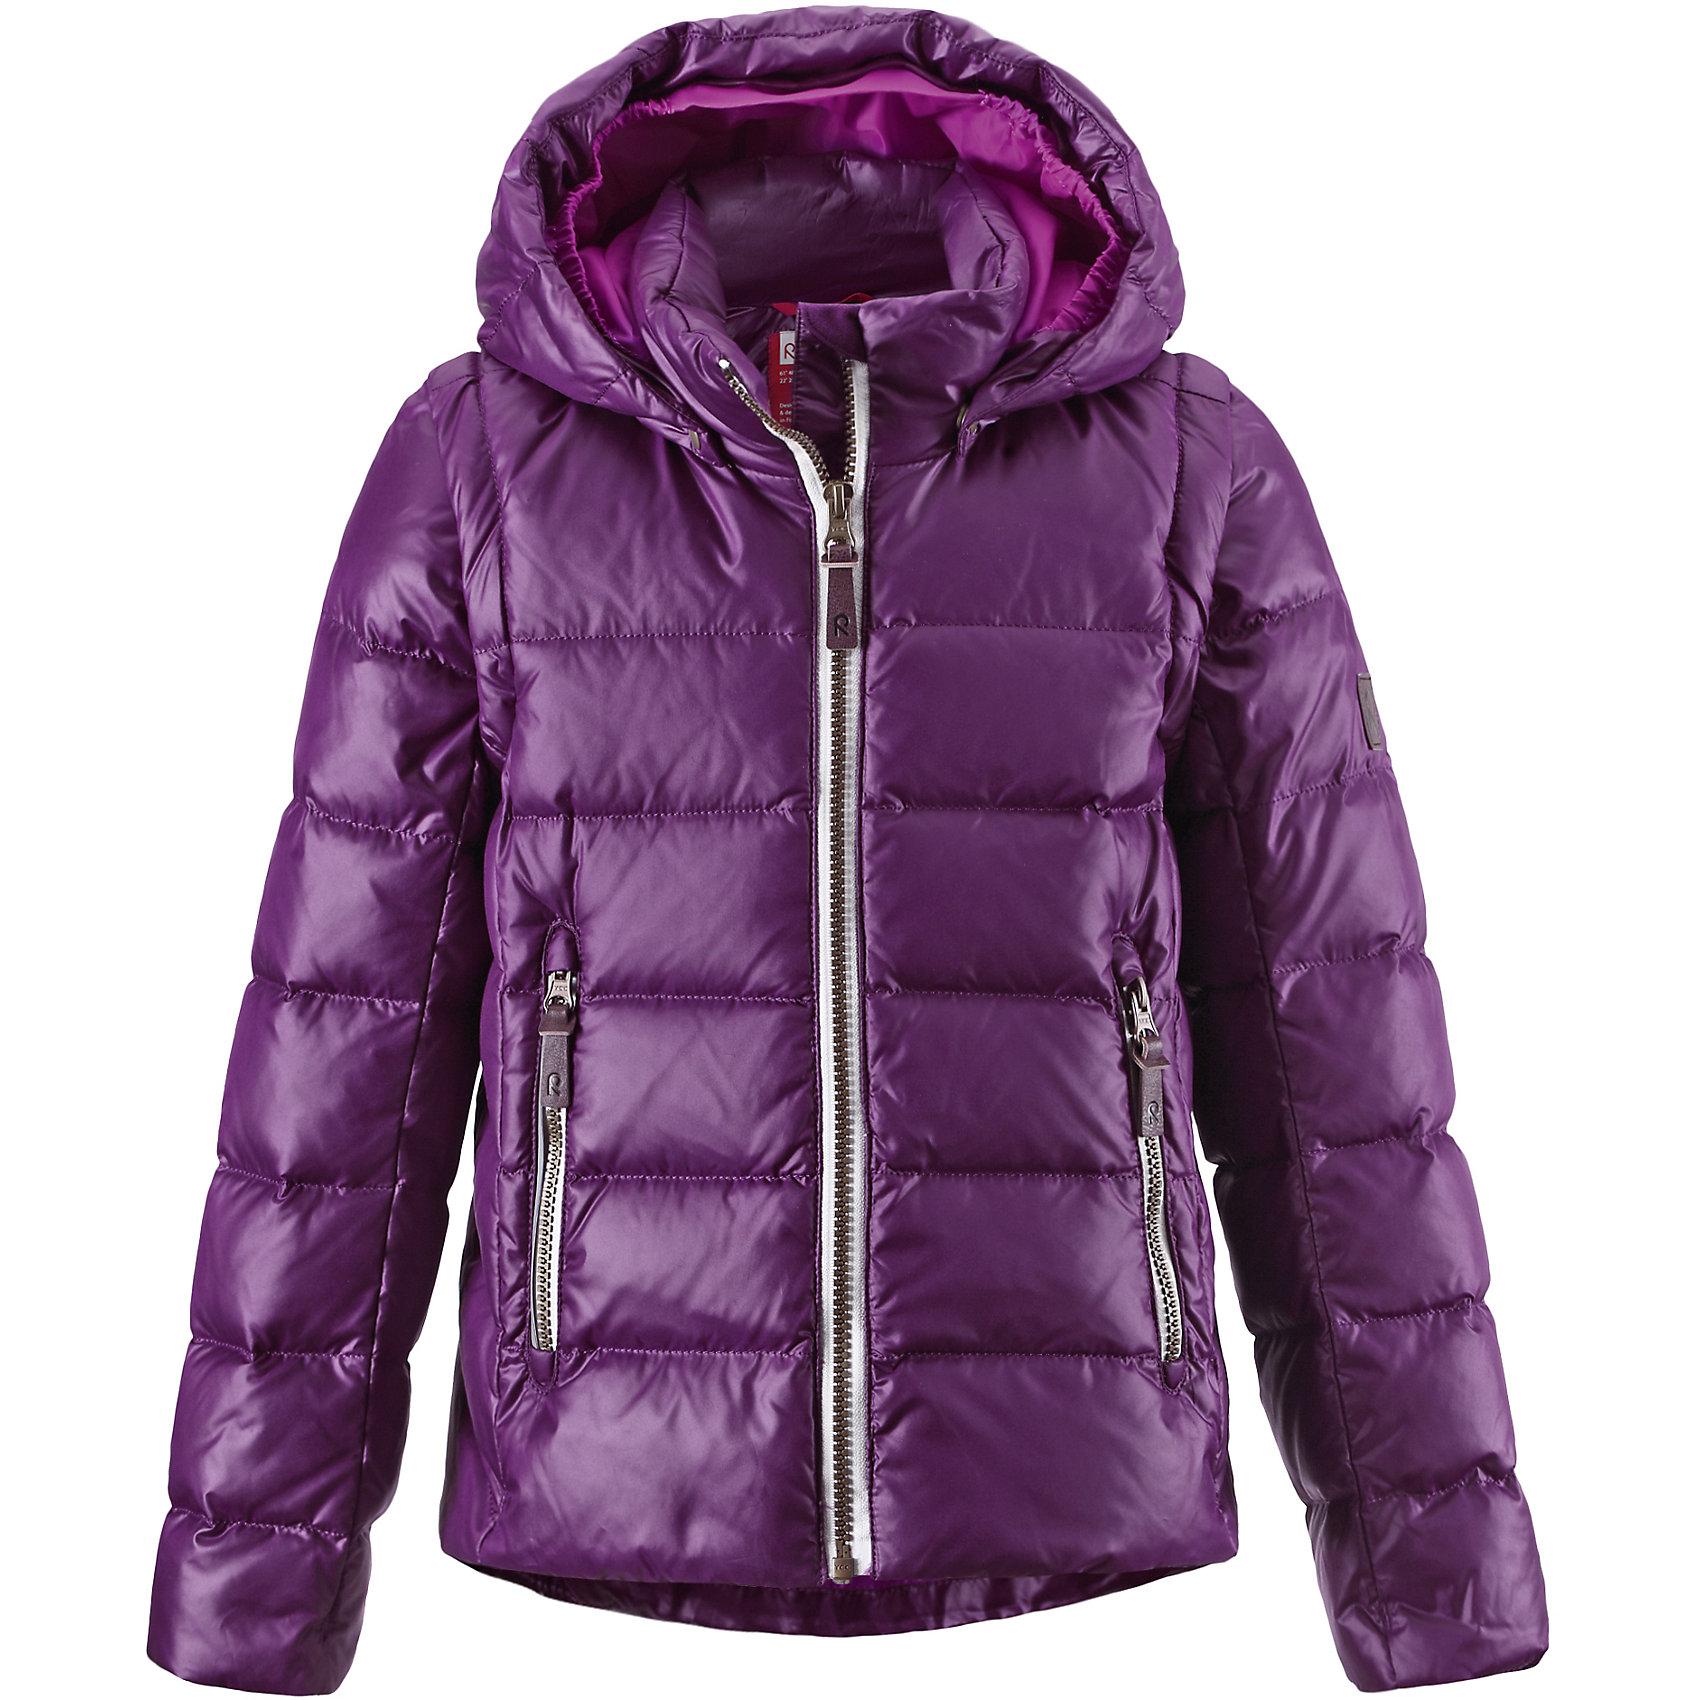 Куртка Sneak для девочки ReimaКуртка для девочки Reima<br>Пуховая куртка для подростков. Водоотталкивающий, ветронепроницаемый, «дышащий» и грязеотталкивающий материал. Крой для девочек. Гладкая подкладка из полиэстраВ качестве утеплителя использованы пух и перо (60%/40%). Безопасный, съемный капюшон. Эластичные манжеты. Отстегивающиеся рукава на молнии. Эластичная кромка подола. Два кармана на молнии. Безопасные светоотражающие детали.<br>Уход:<br>Стирать по отдельности, вывернув наизнанку. Застегнуть молнии и липучки. Стирать моющим средством, не содержащим отбеливающие вещества. Полоскать без специального средства. Во избежание изменения цвета изделие необходимо вынуть из стиральной машинки незамедлительно после окончания программы стирки. Барабанное сушение при низкой температуре с 3 теннисными мячиками. Выверните изделие наизнанку в середине сушки.<br>Состав:<br>100% Полиэстер<br><br>Ширина мм: 356<br>Глубина мм: 10<br>Высота мм: 245<br>Вес г: 519<br>Цвет: фиолетовый<br>Возраст от месяцев: 60<br>Возраст до месяцев: 72<br>Пол: Женский<br>Возраст: Детский<br>Размер: 116,134,128,152,140,158,122,146,164<br>SKU: 4778145